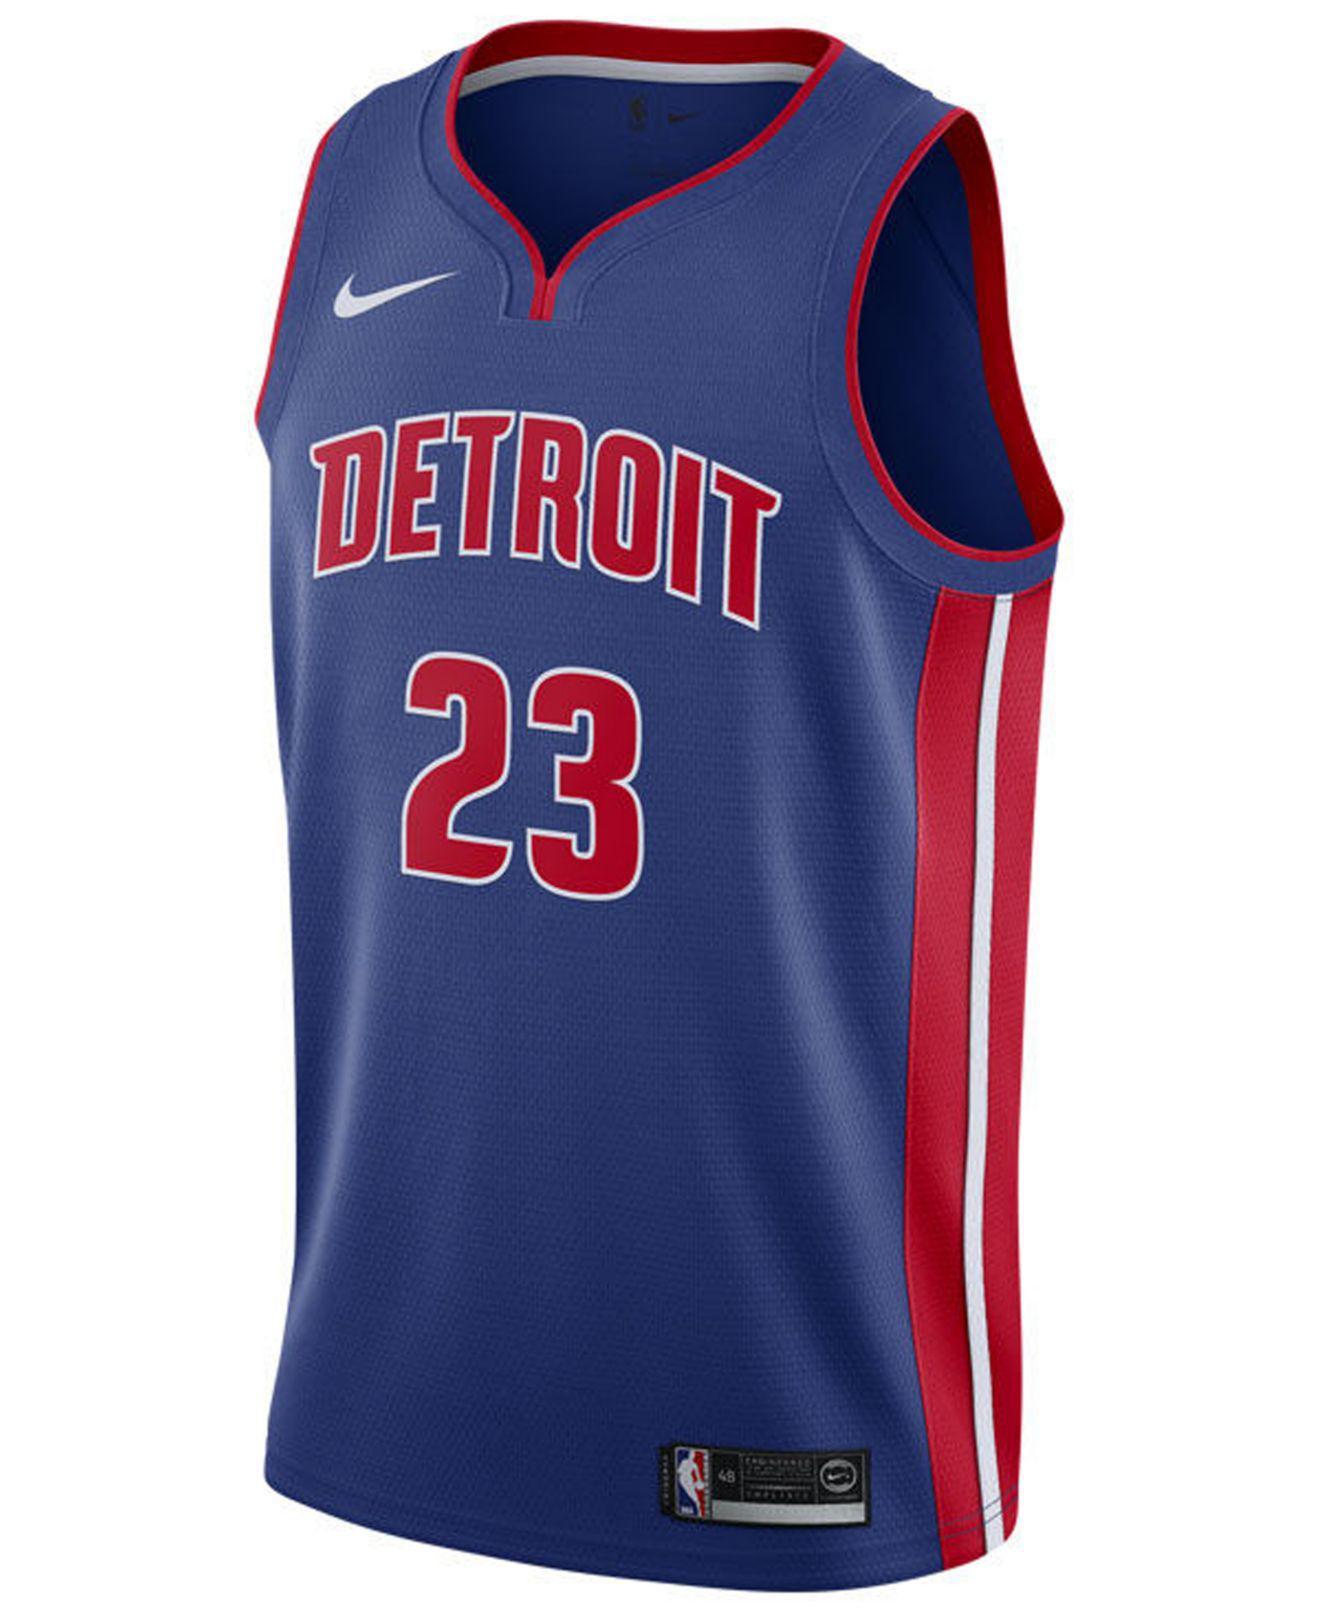 dd4dedfe886 ... sale lyst nike blake griffin detroit pistons icon swingman jersey in  blue for men 25e52 d3e44